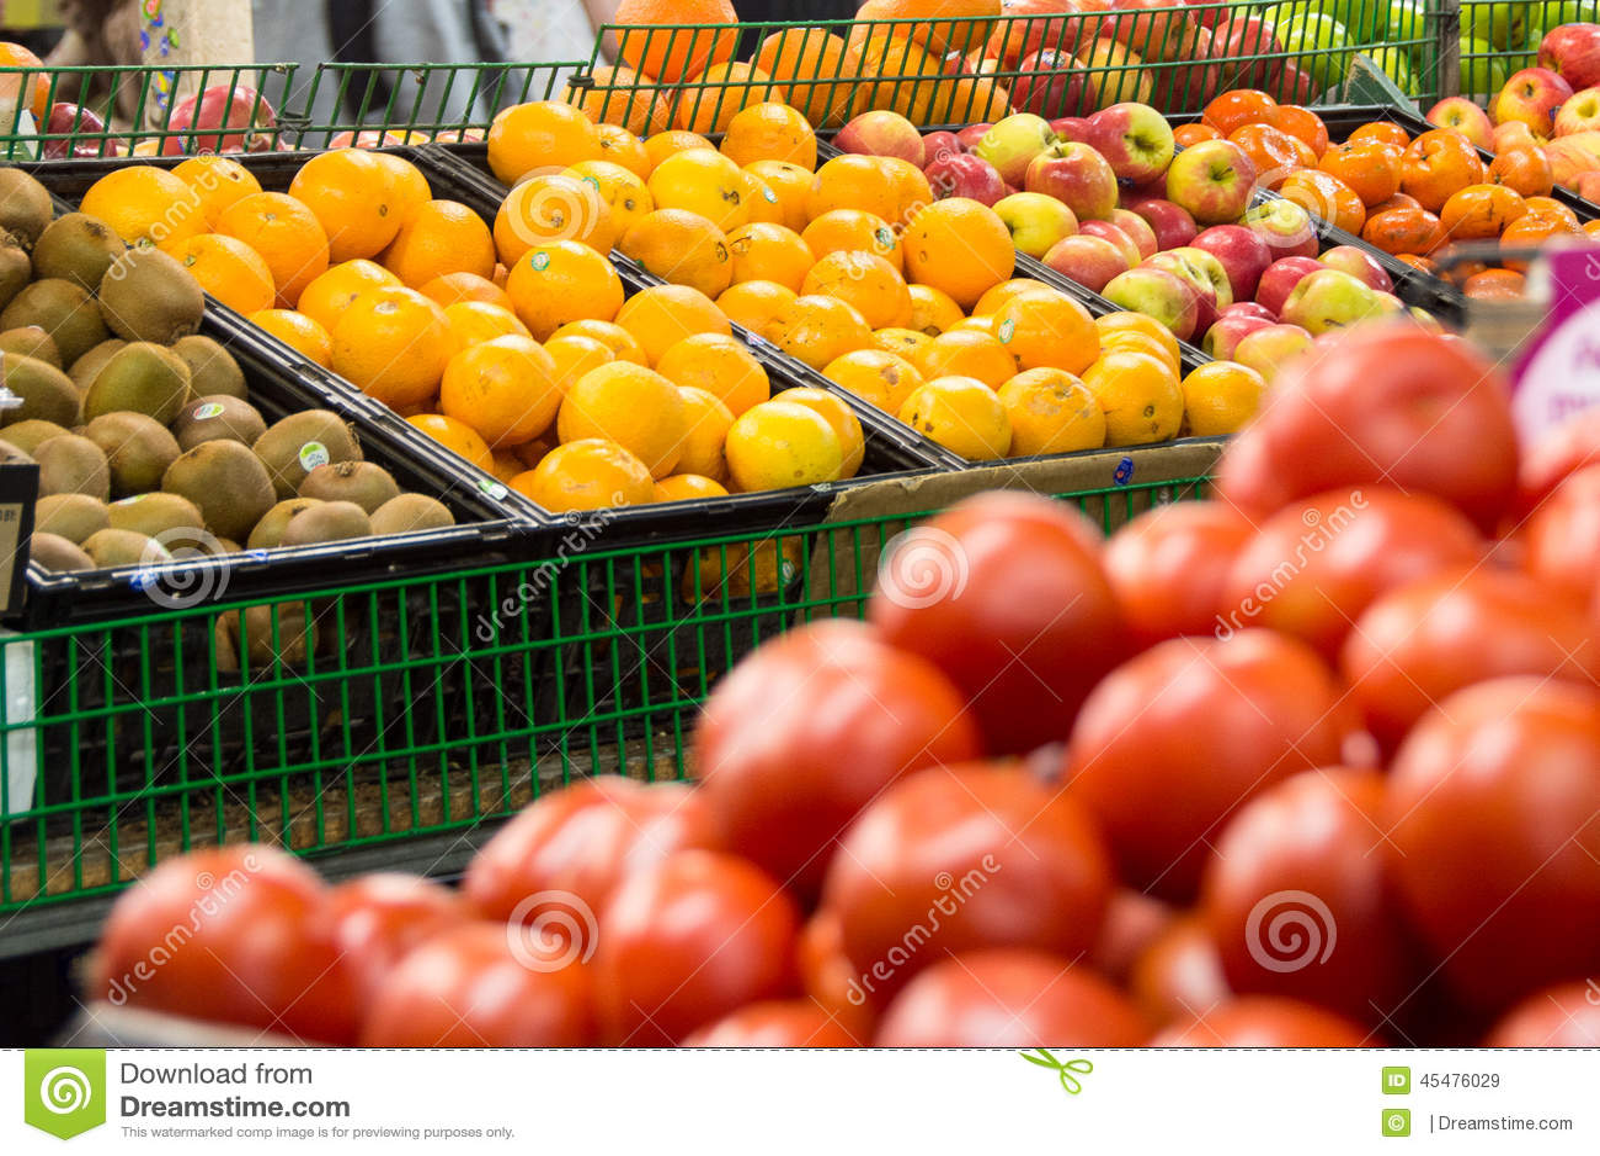 埃及水果市场蔬菜